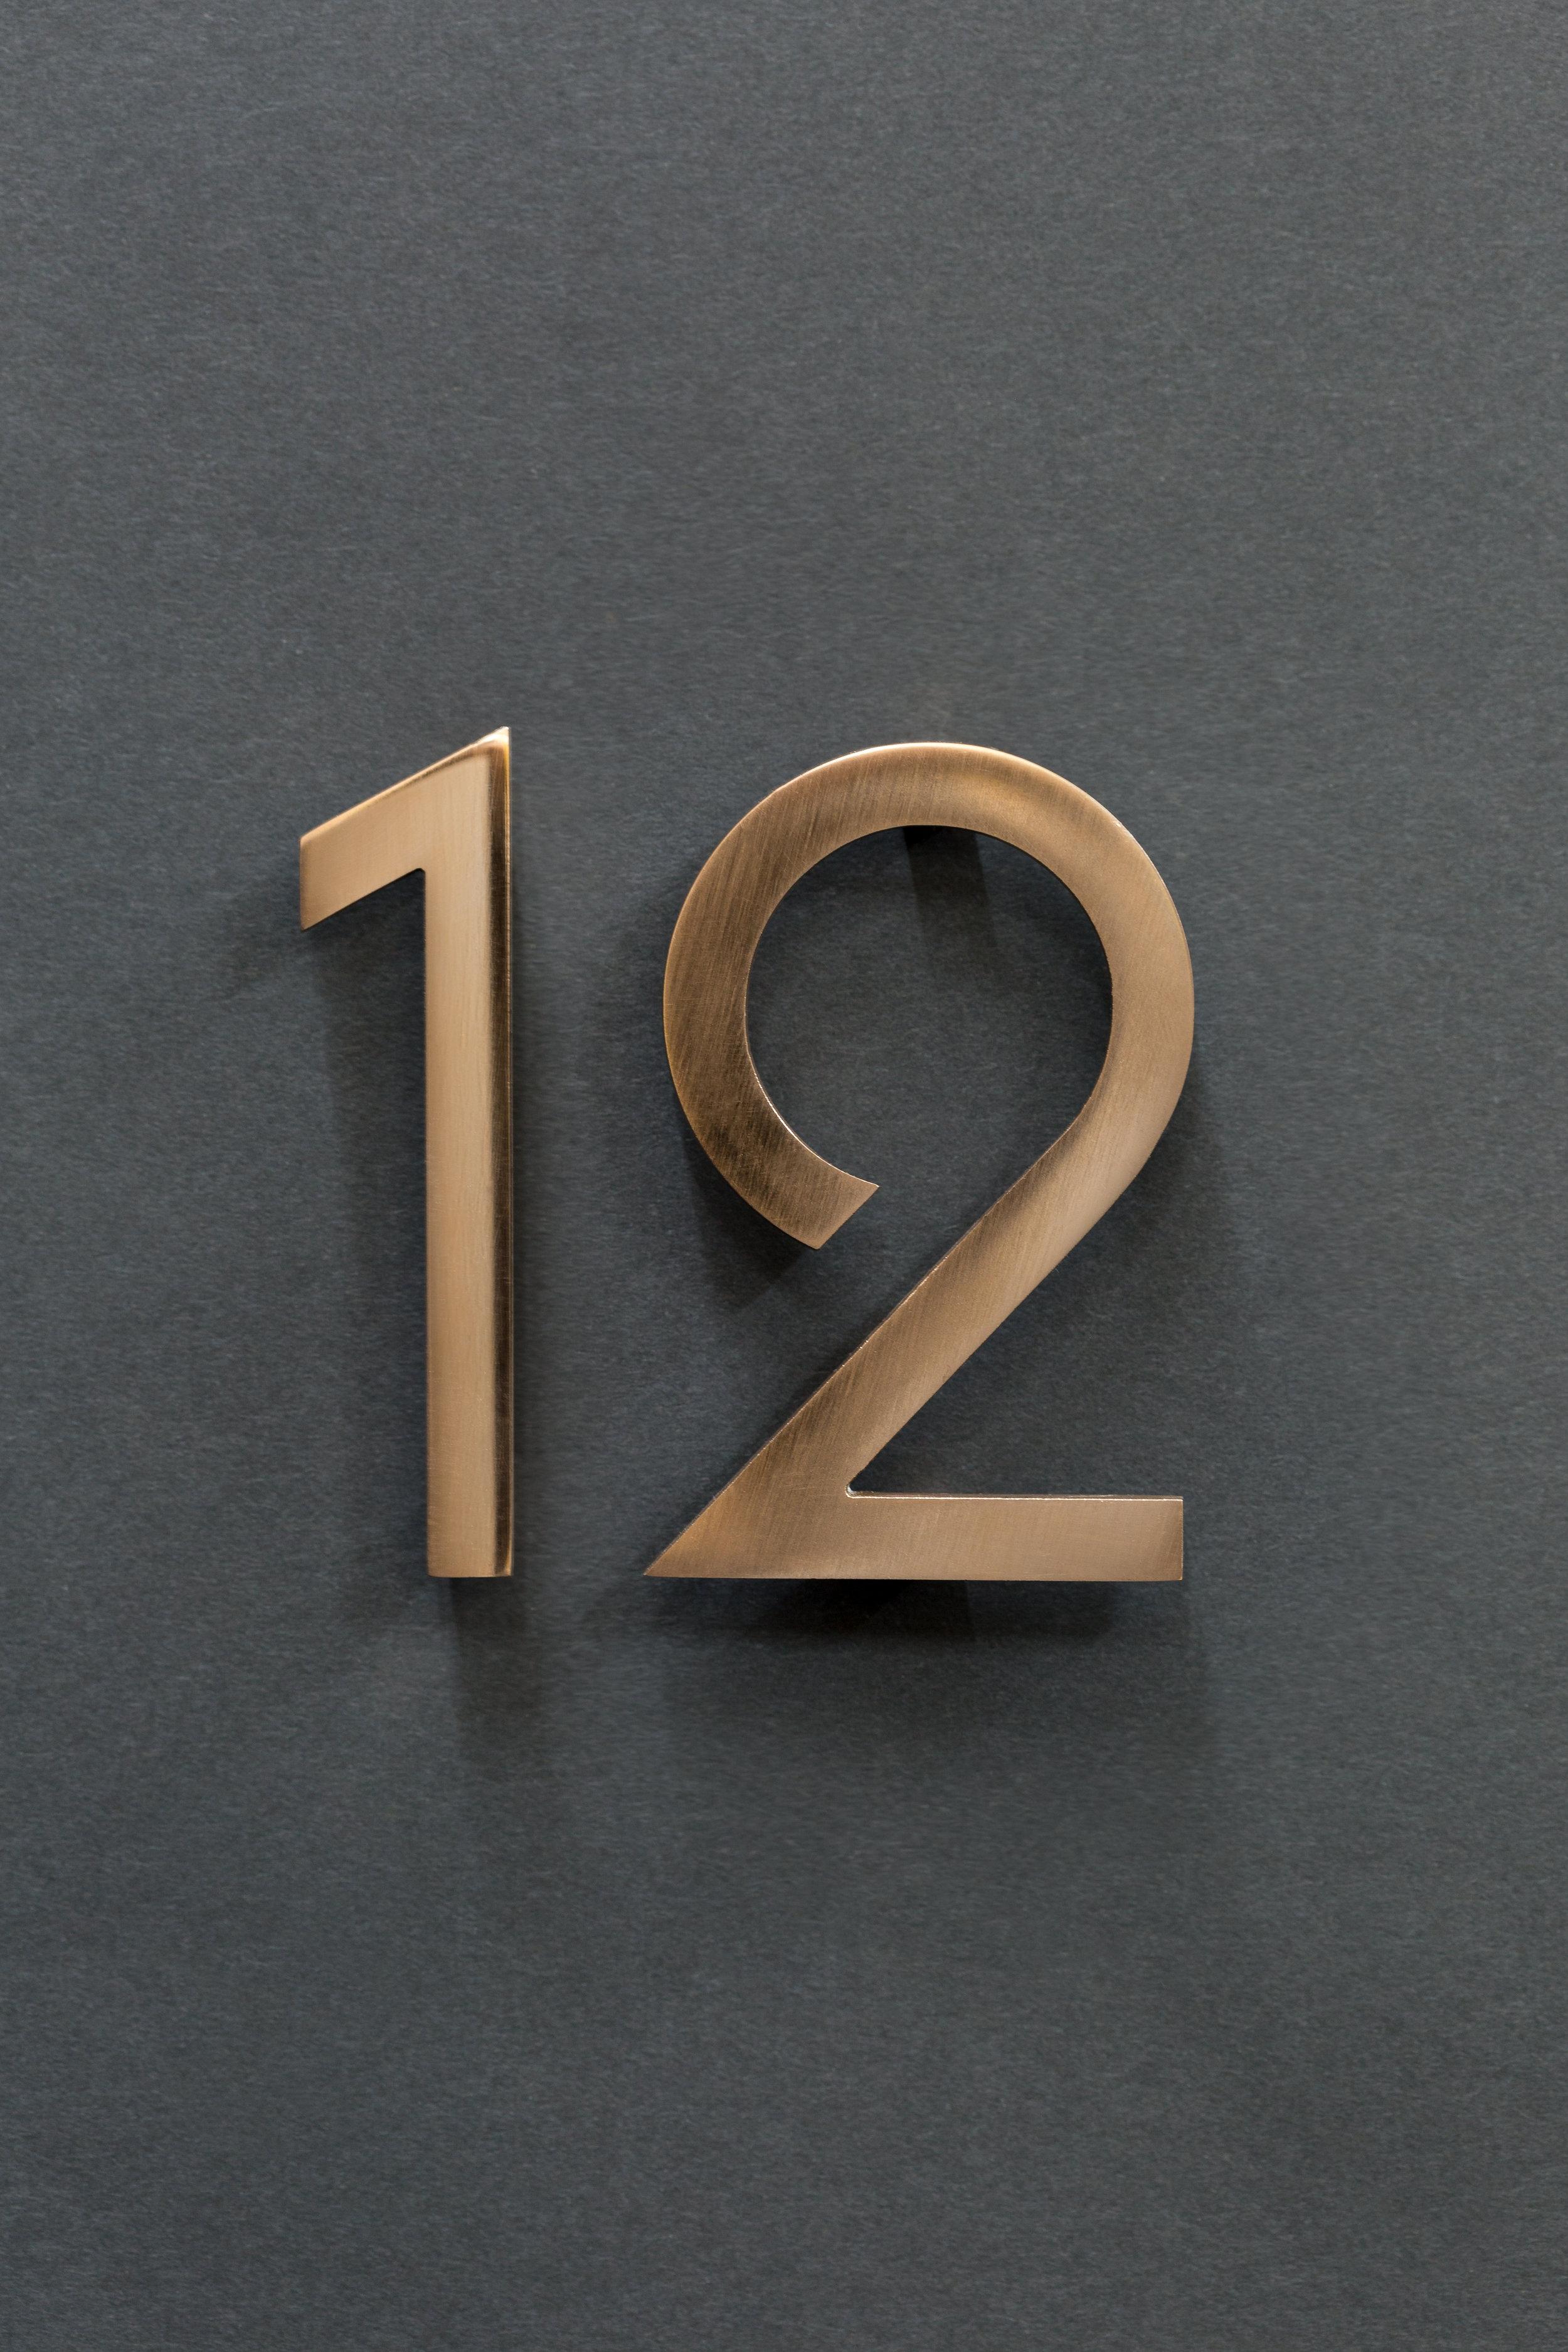 15-11-30 v062.jpg